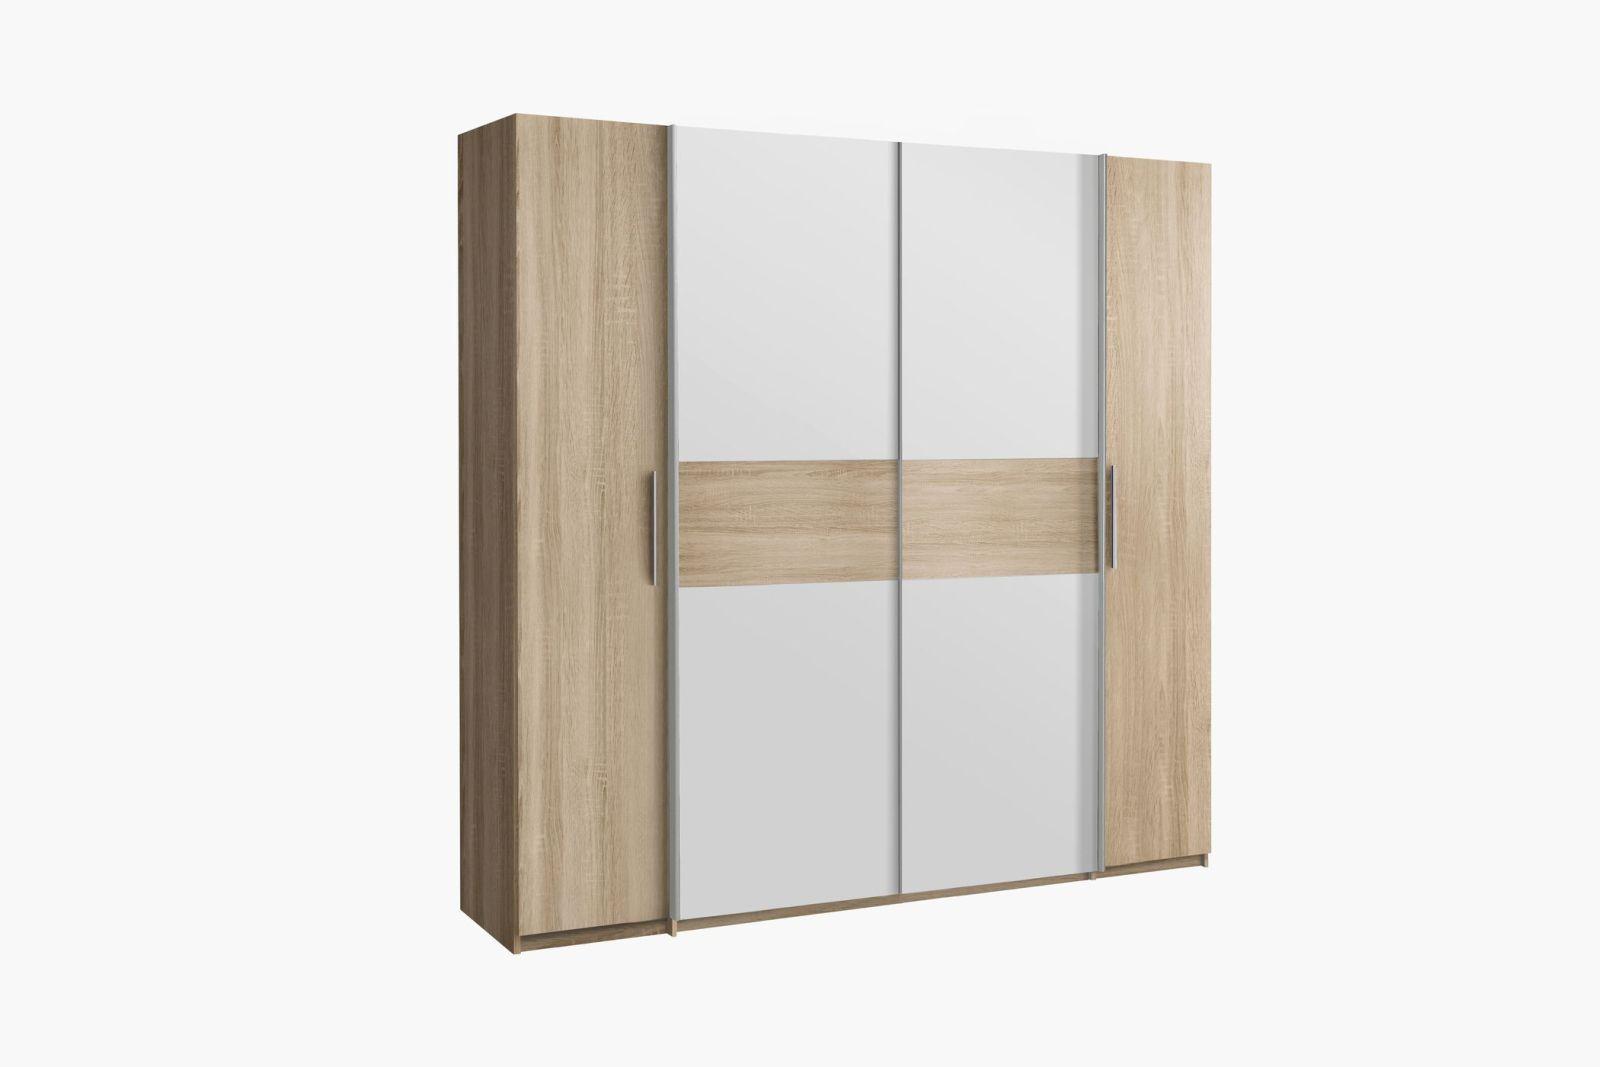 kleiderschrank calido kleiderschr nke schlafzimmer sortiment pack zu m bel sb und k chen. Black Bedroom Furniture Sets. Home Design Ideas